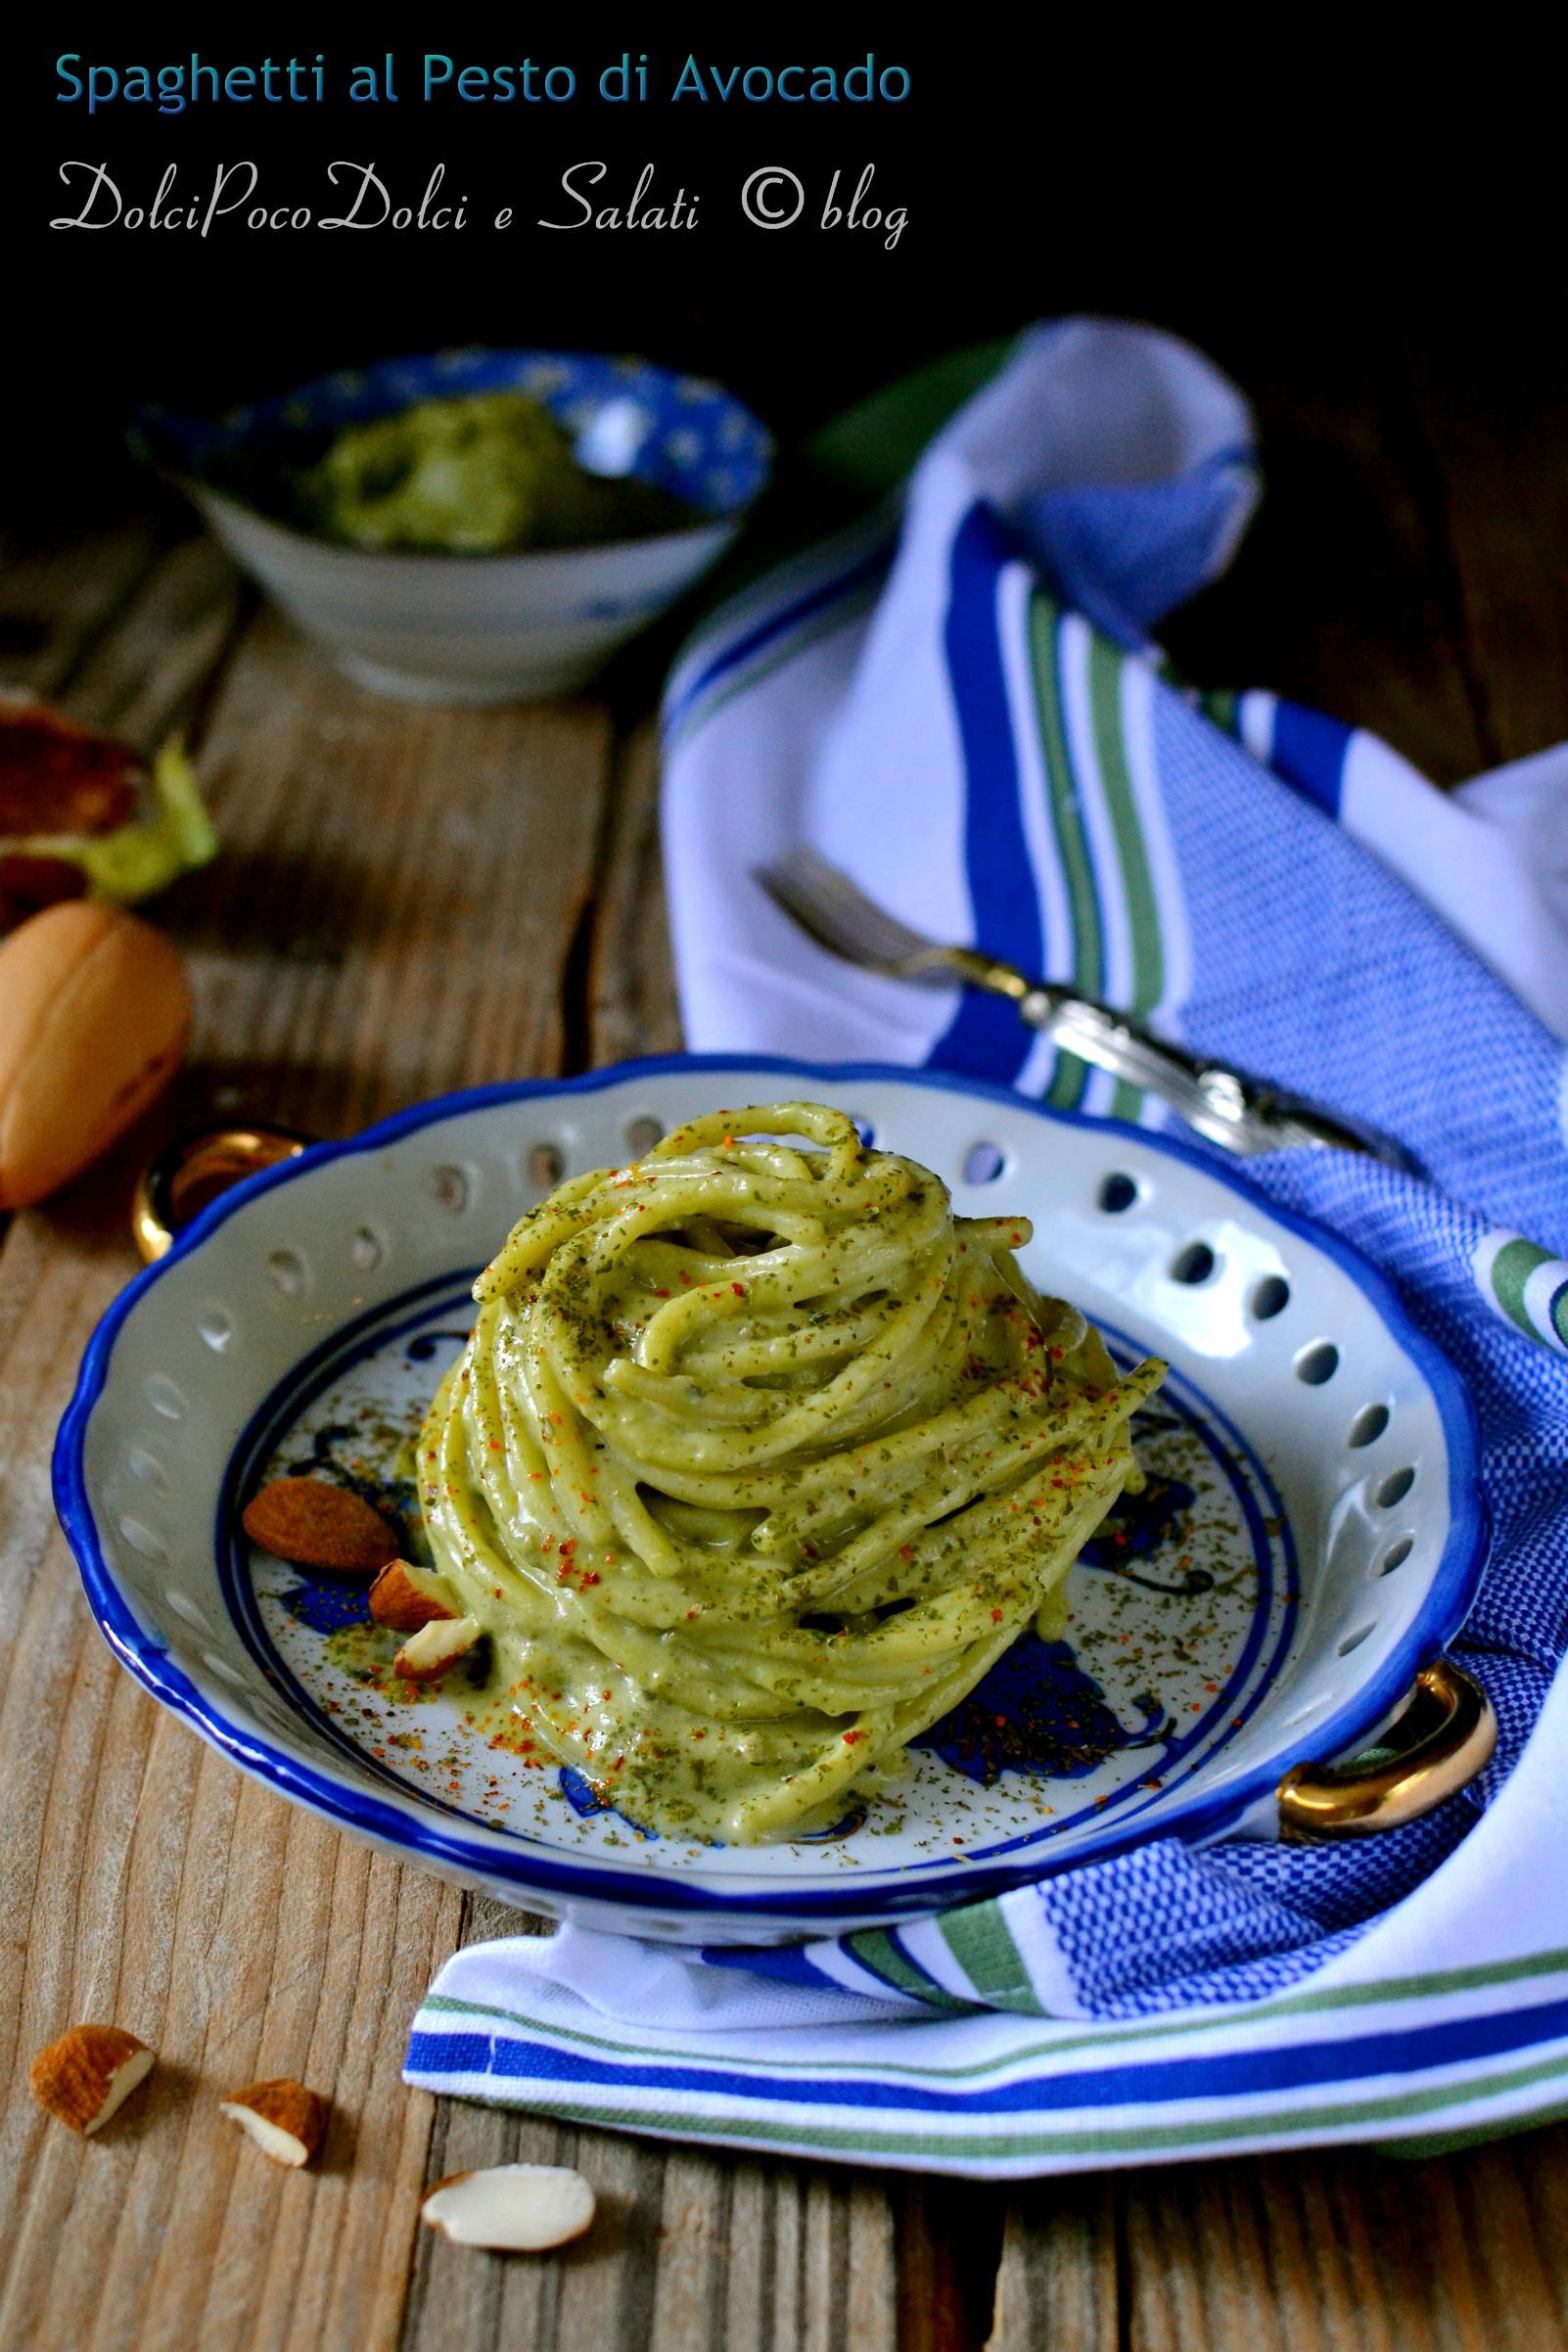 Spaghetti al pesto di avocado